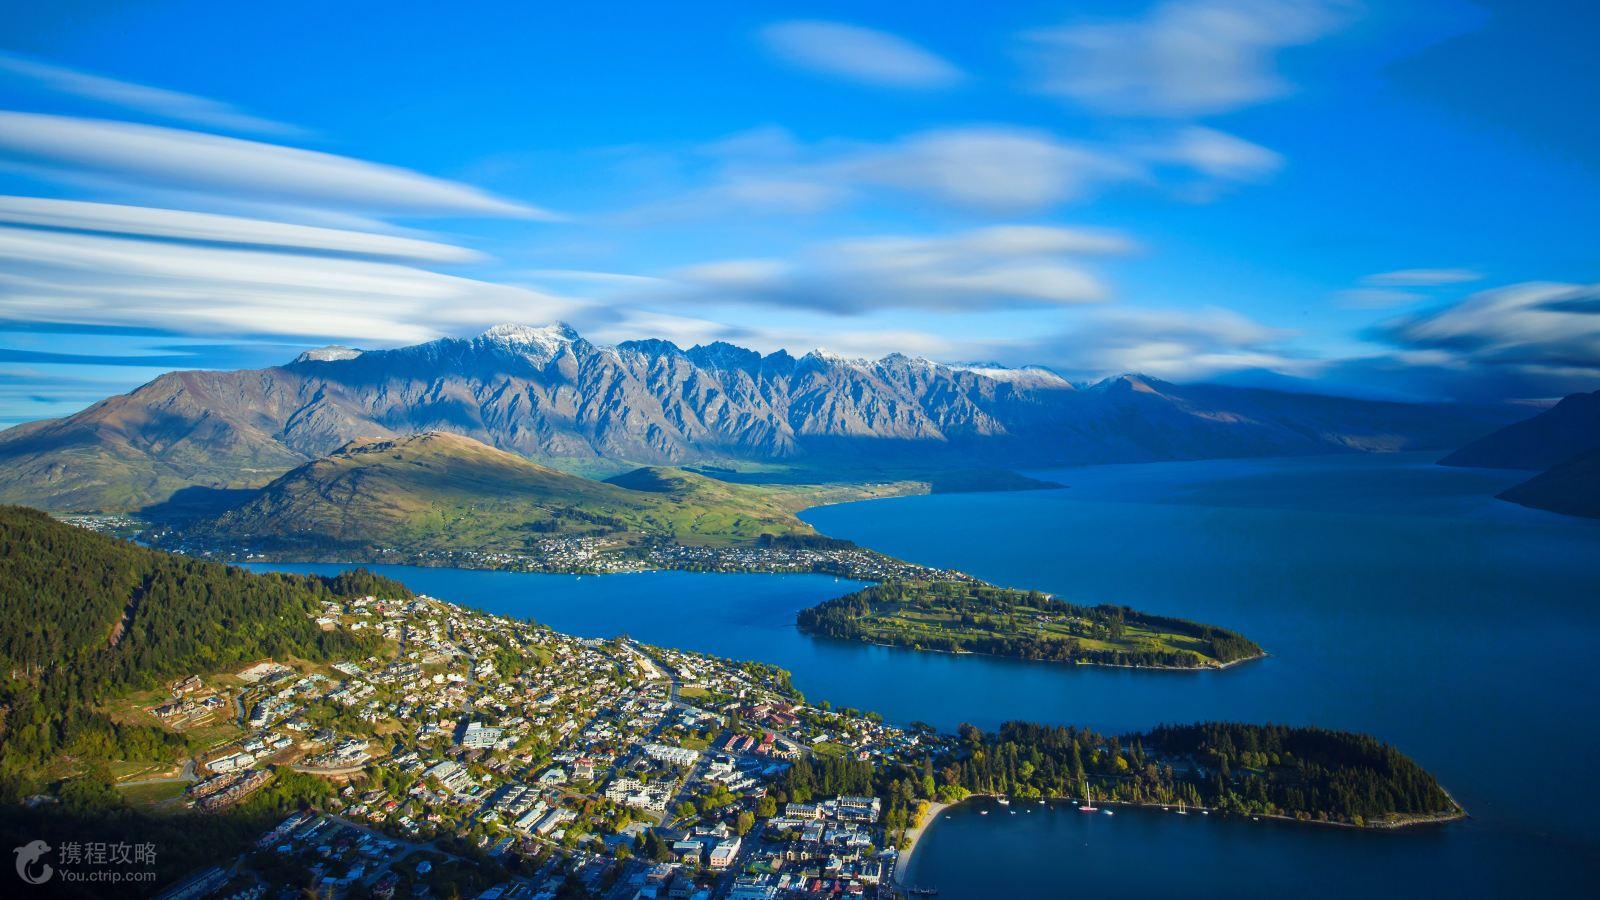 最大的观光牧场,畅游在新西兰的田园风光之中,与新西兰特有的动物零